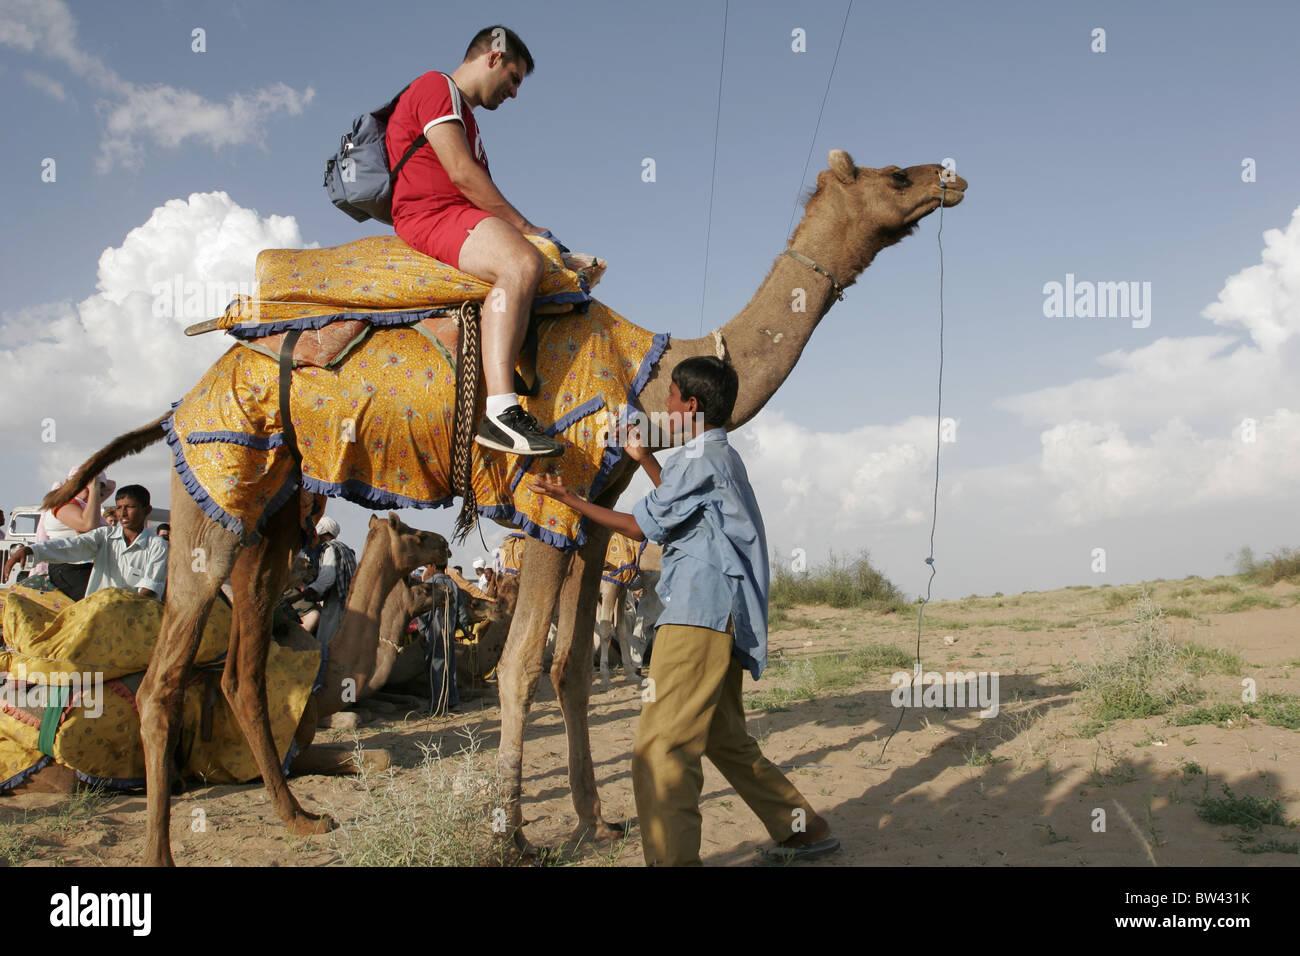 Los turistas disfrutan de un paseo en camello en Sam, Jaisalmer, Rajasthan, India Imagen De Stock